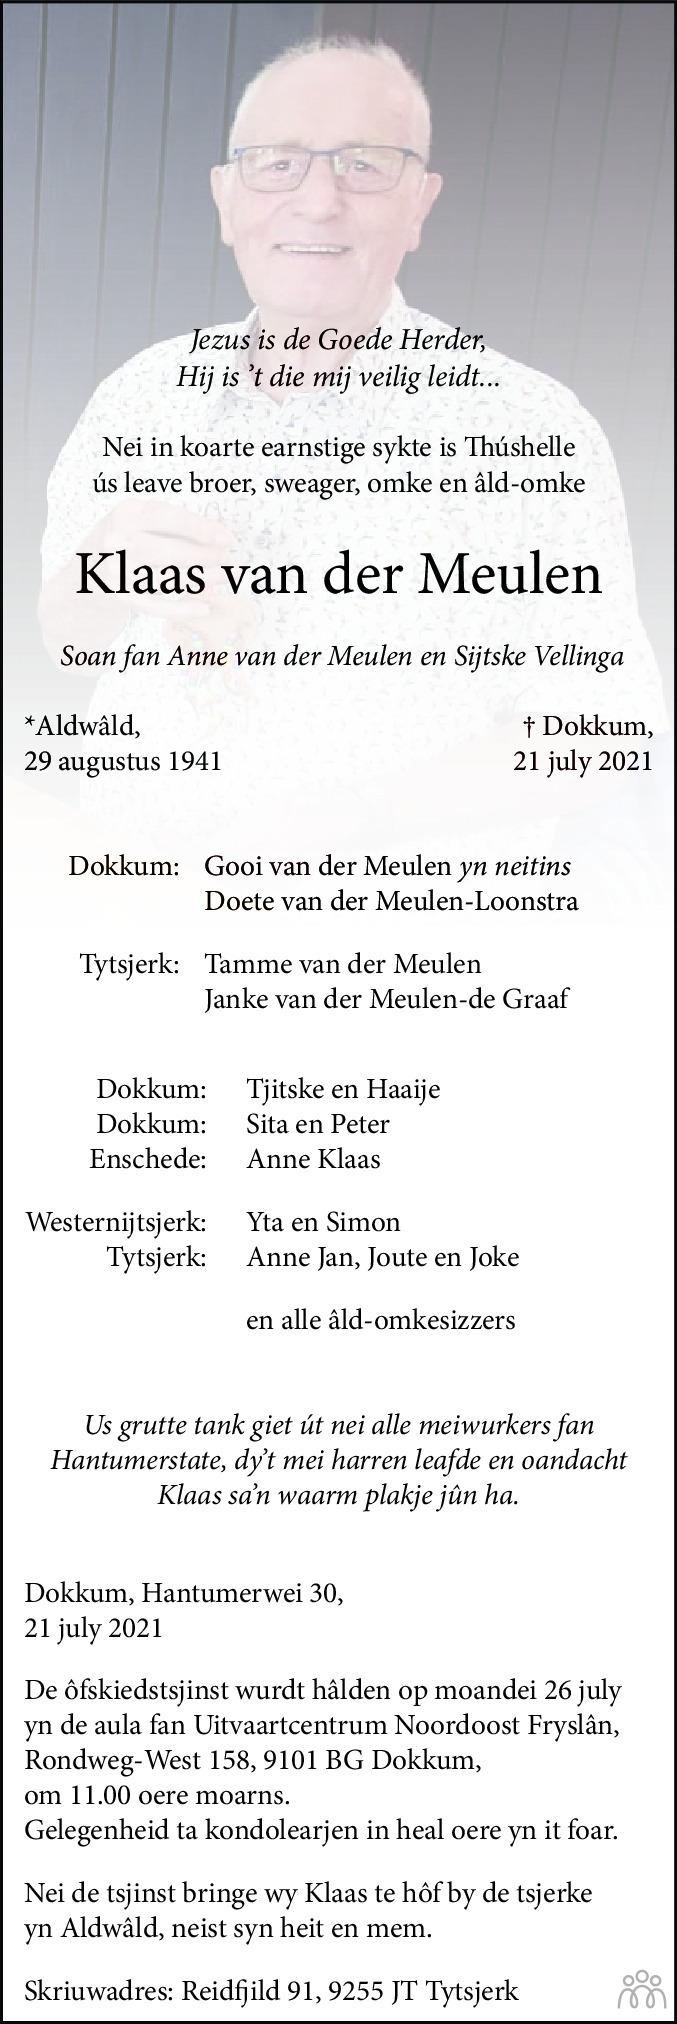 Overlijdensbericht van Klaas van der Meulen in Leeuwarder Courant